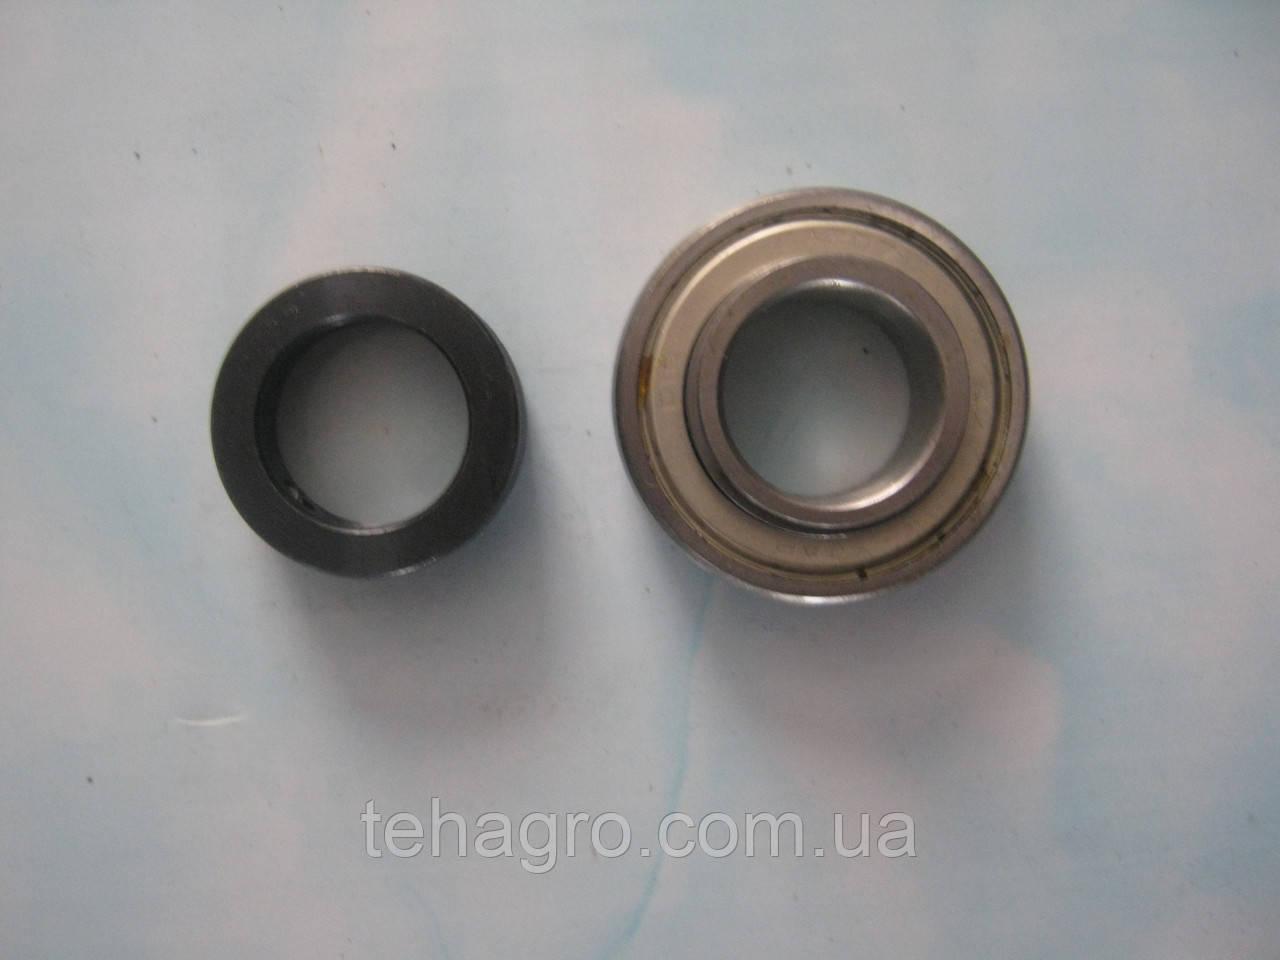 Подшипник SA 207(дистанционное кольцо А 207)(СХ)